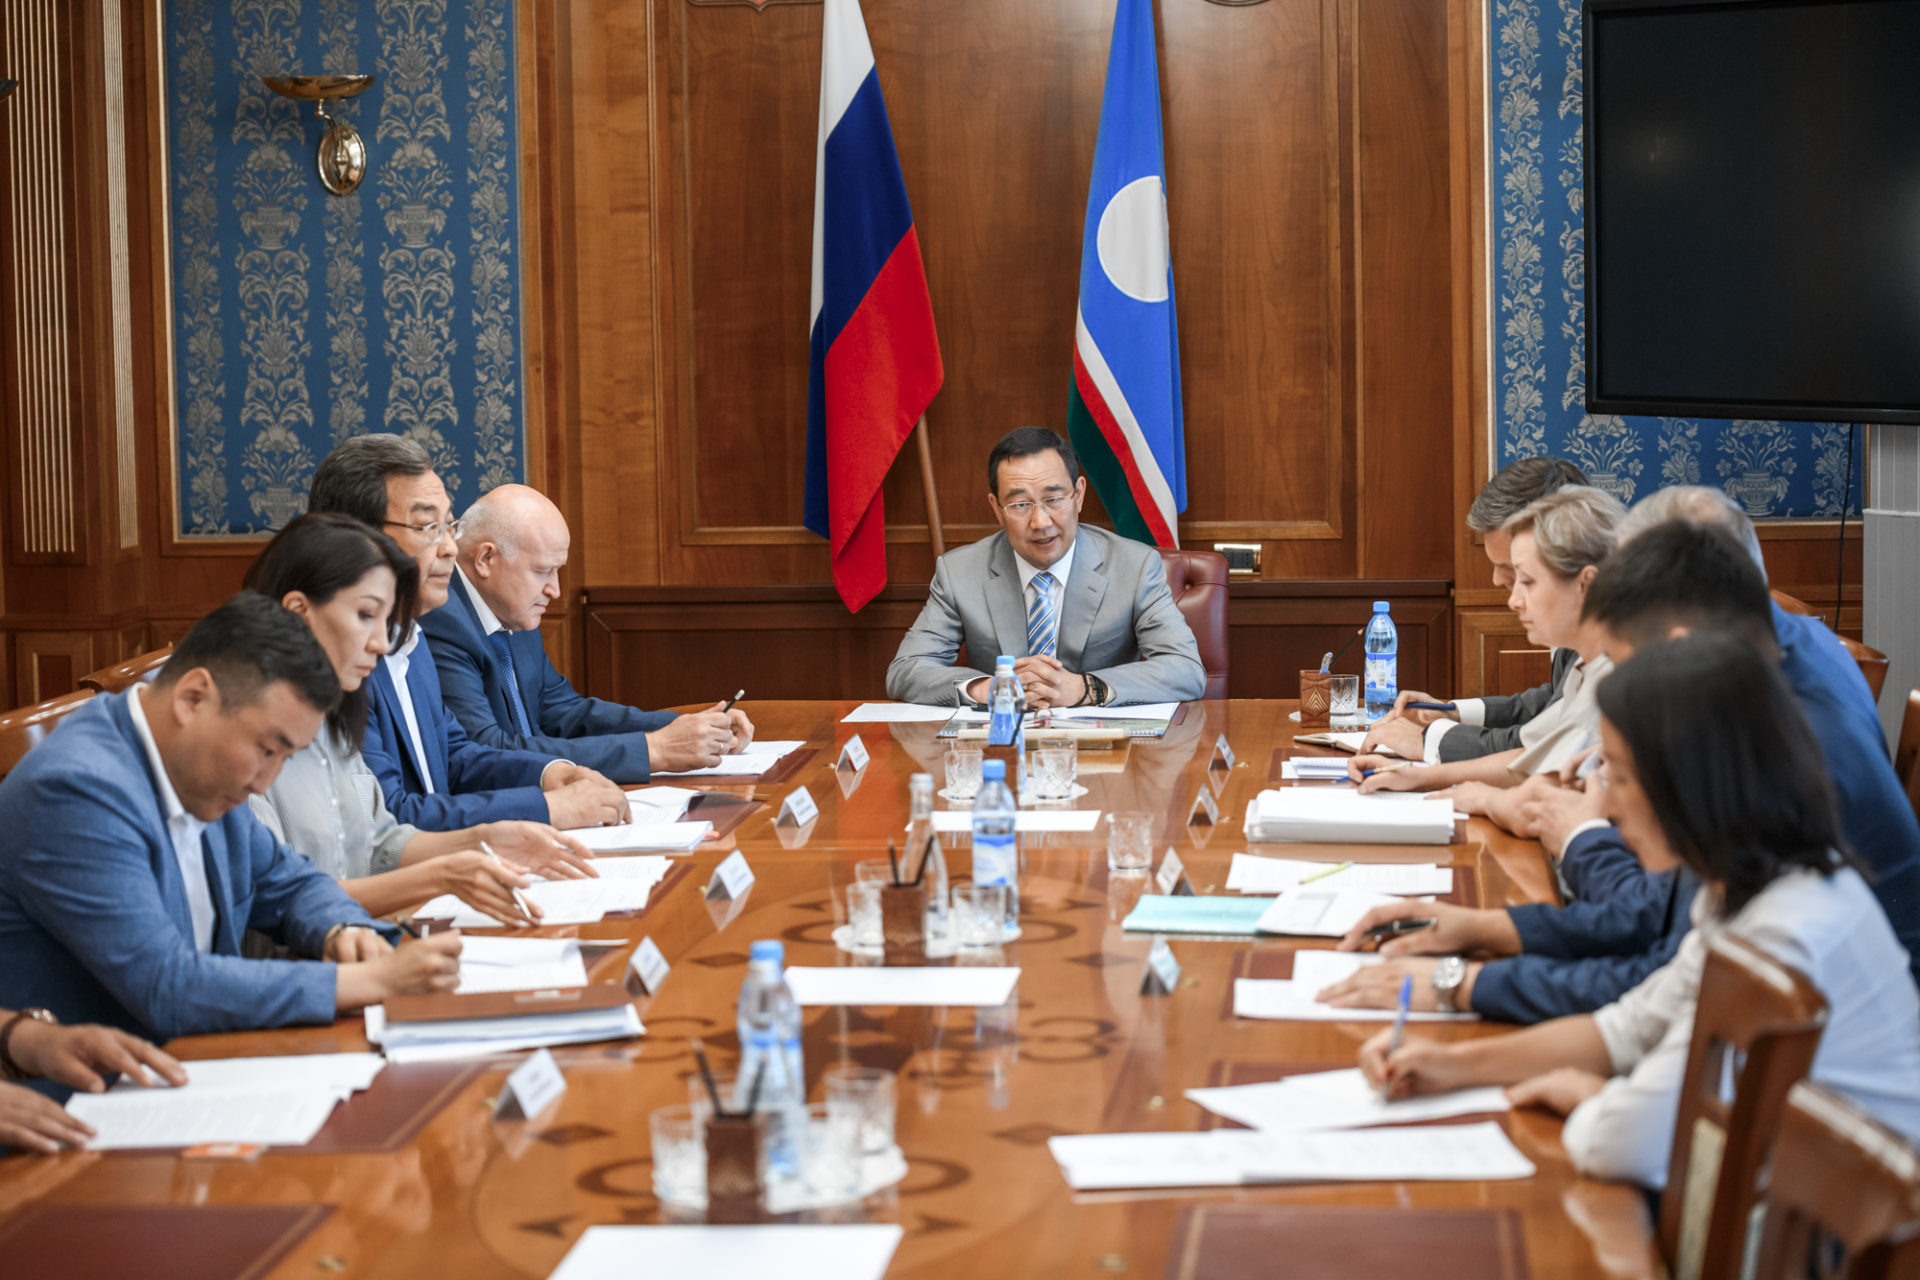 Айсен Николаев рассмотрел ход реализации программы по переселению граждан из аварийного жилья